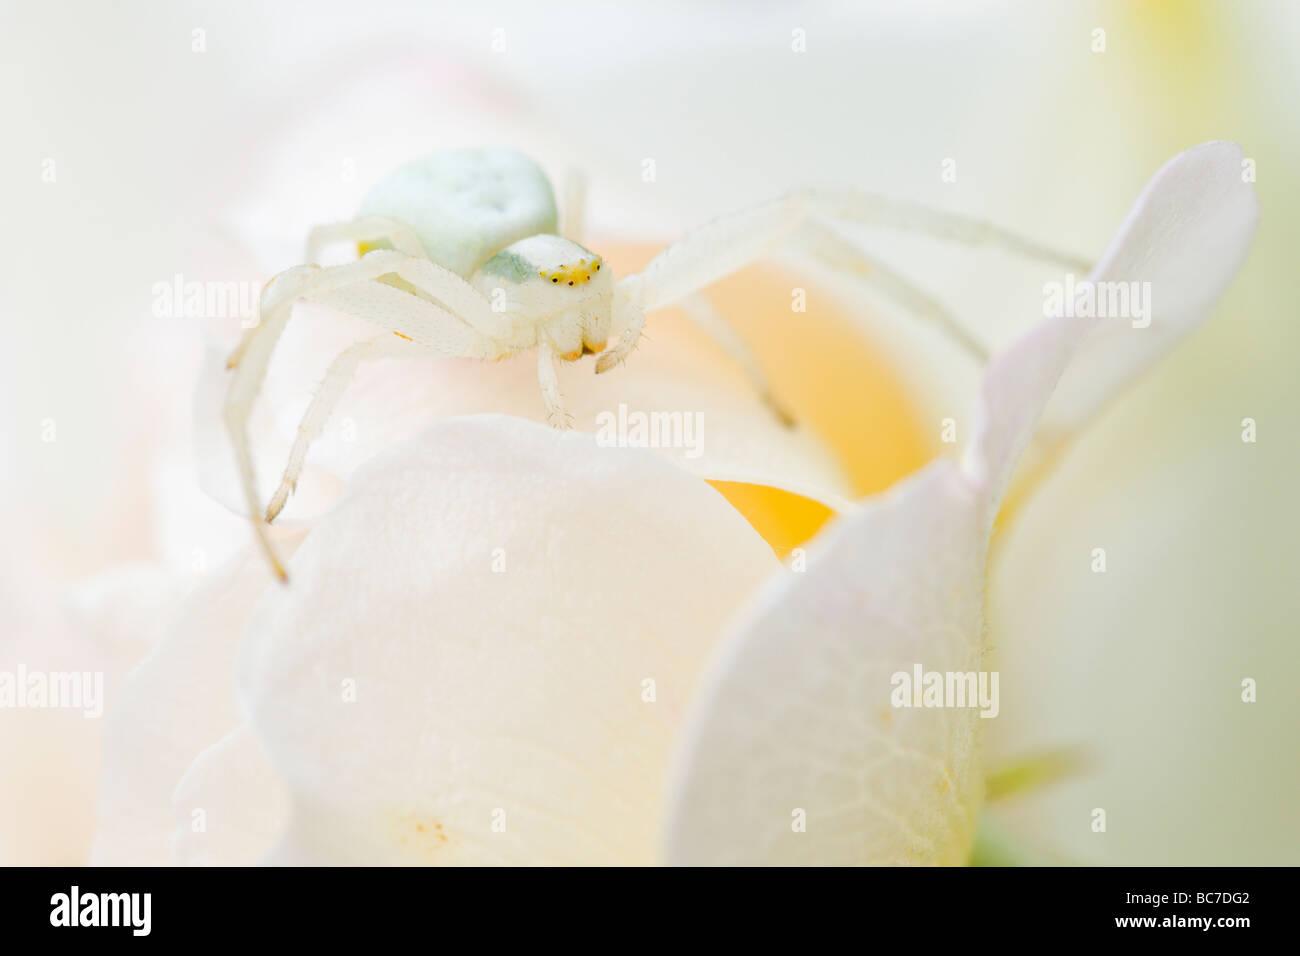 Araignée crabe en attente de proie sur pétales de fleurs Banque D'Images